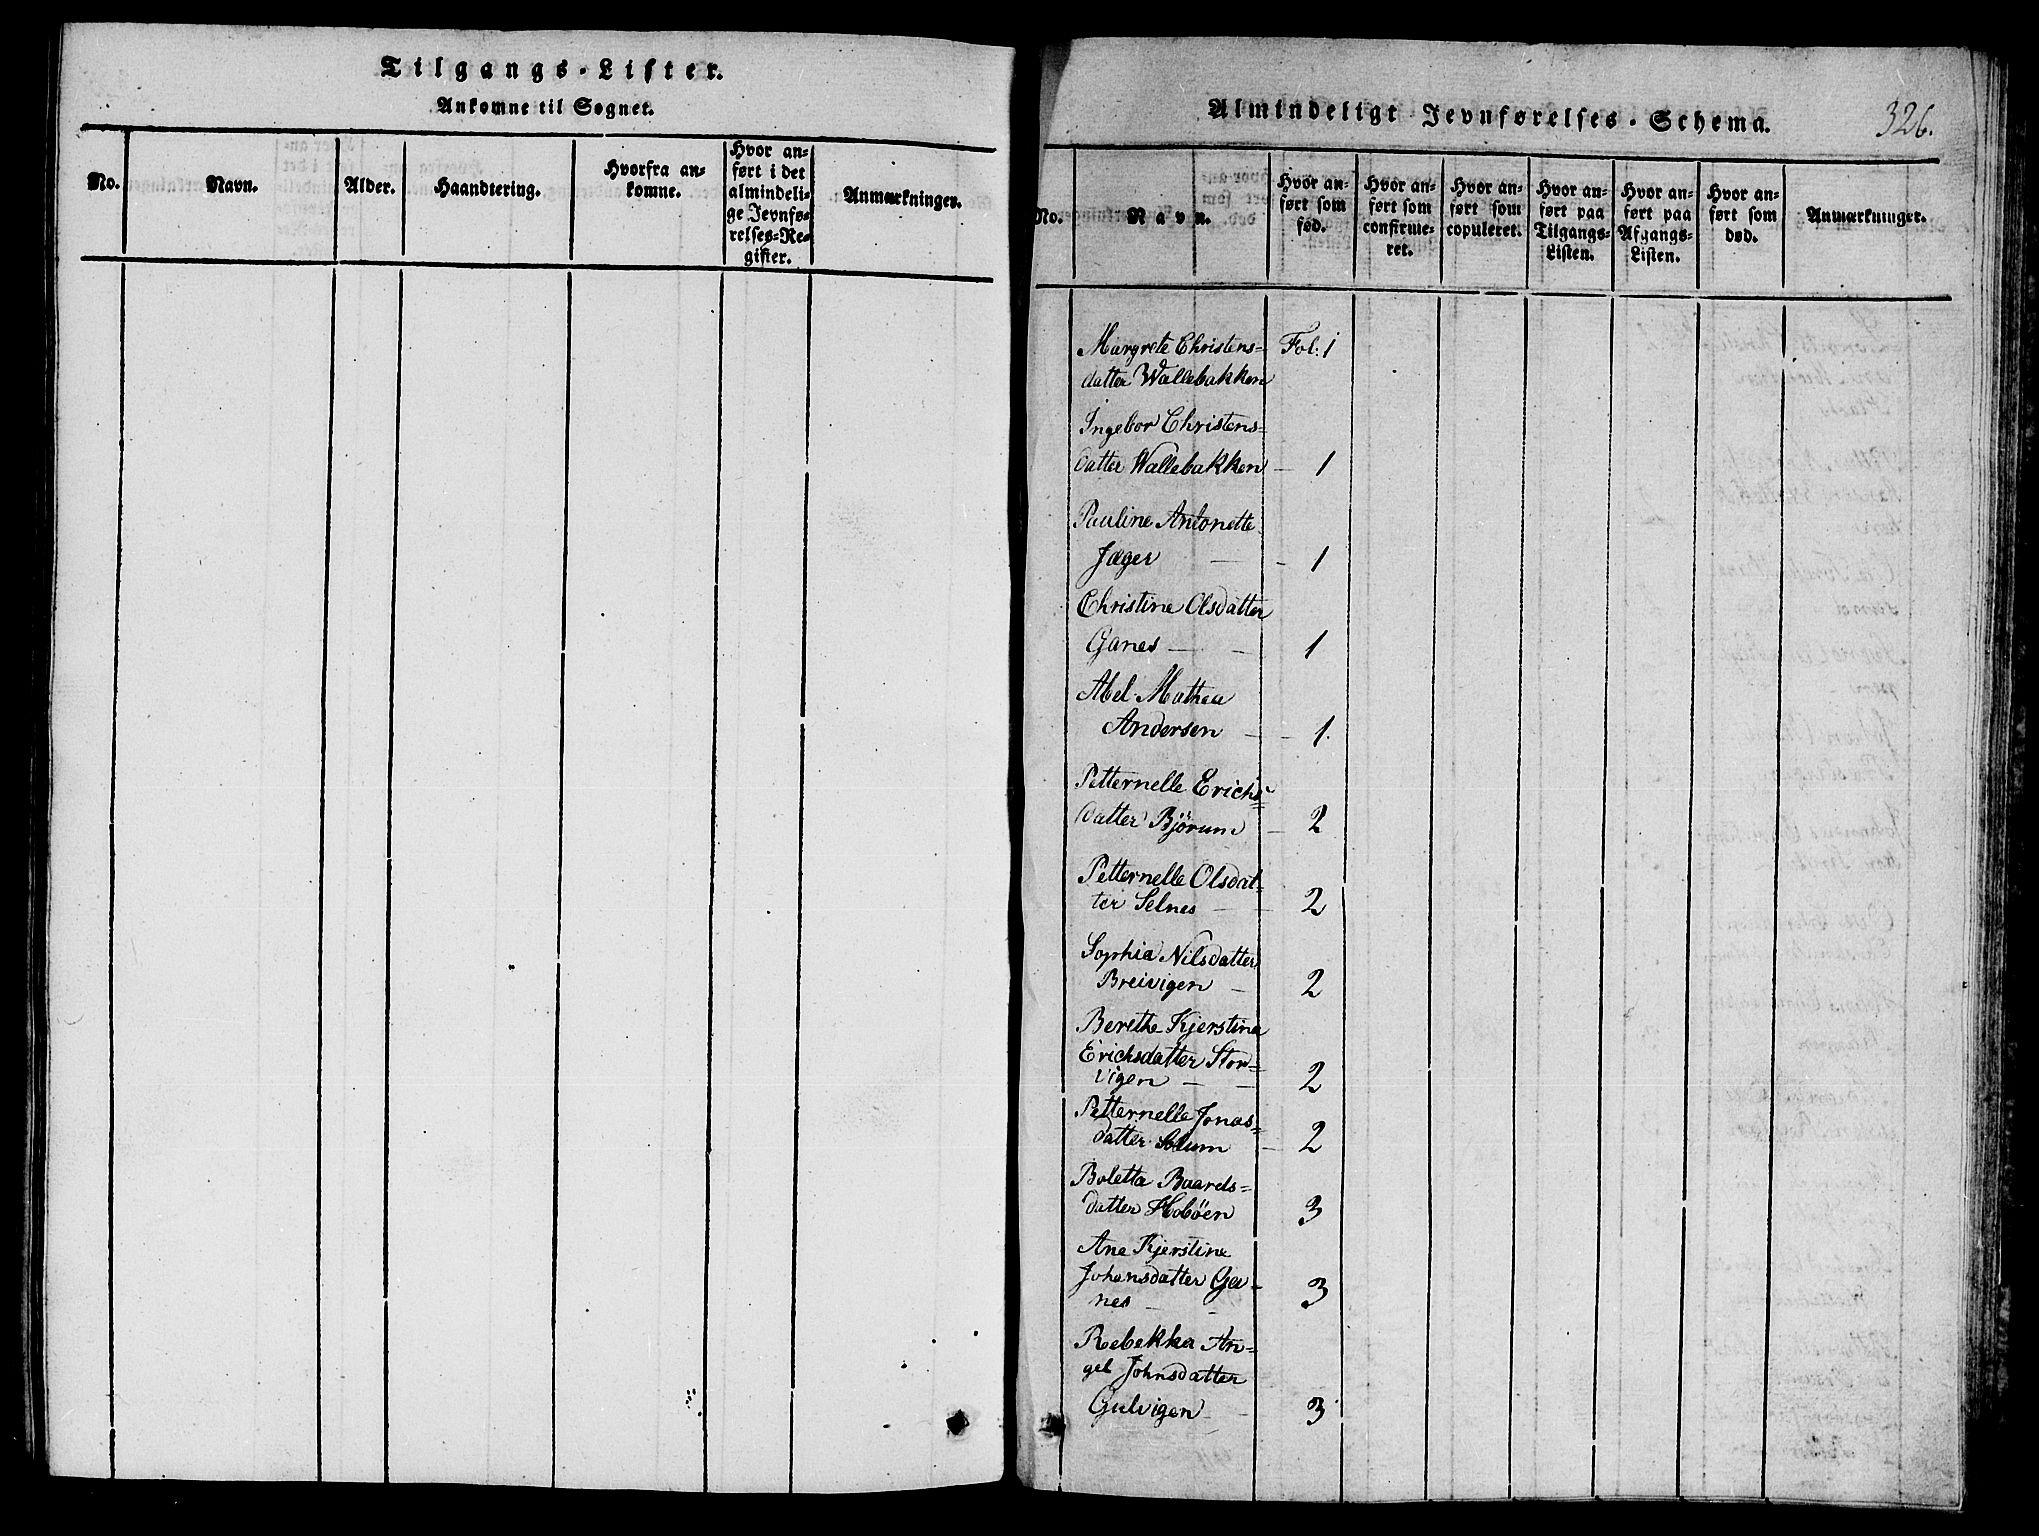 SAT, Ministerialprotokoller, klokkerbøker og fødselsregistre - Nord-Trøndelag, 770/L0588: Ministerialbok nr. 770A02, 1819-1823, s. 326